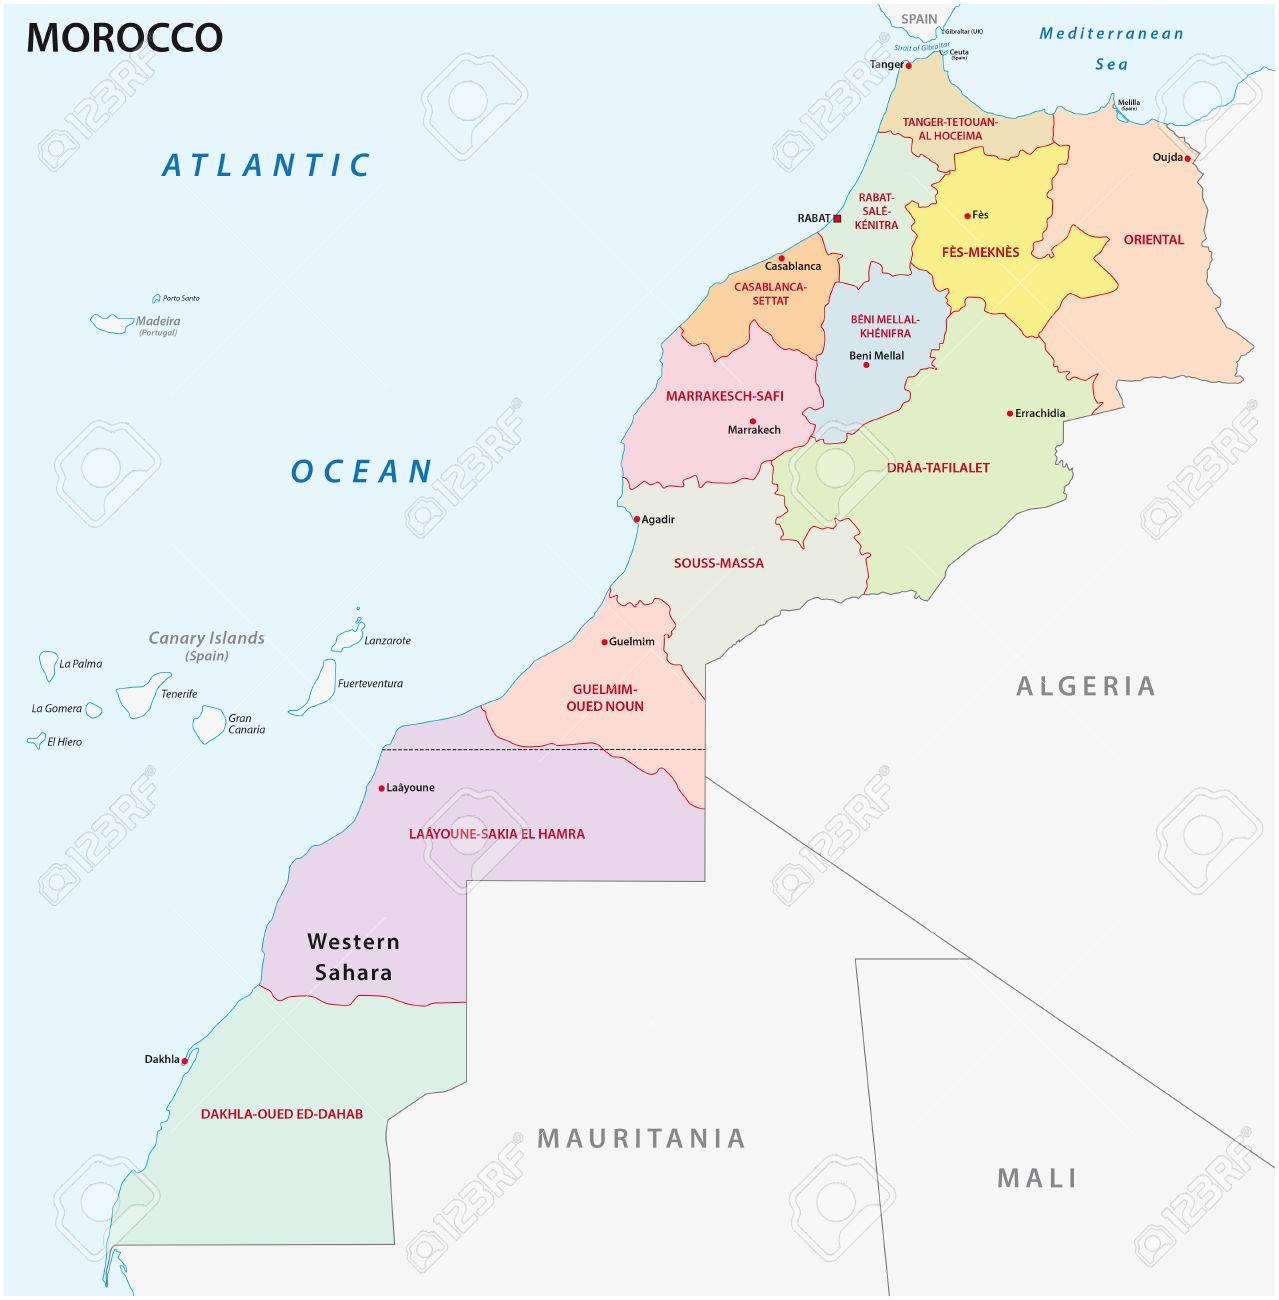 Nouvelle Carte Administrative Et Politique Des Douze Regions Du Royaume Du Maroc En 2015 Clip Art Libres De Droits Vecteurs Et Illustration Image 72368990